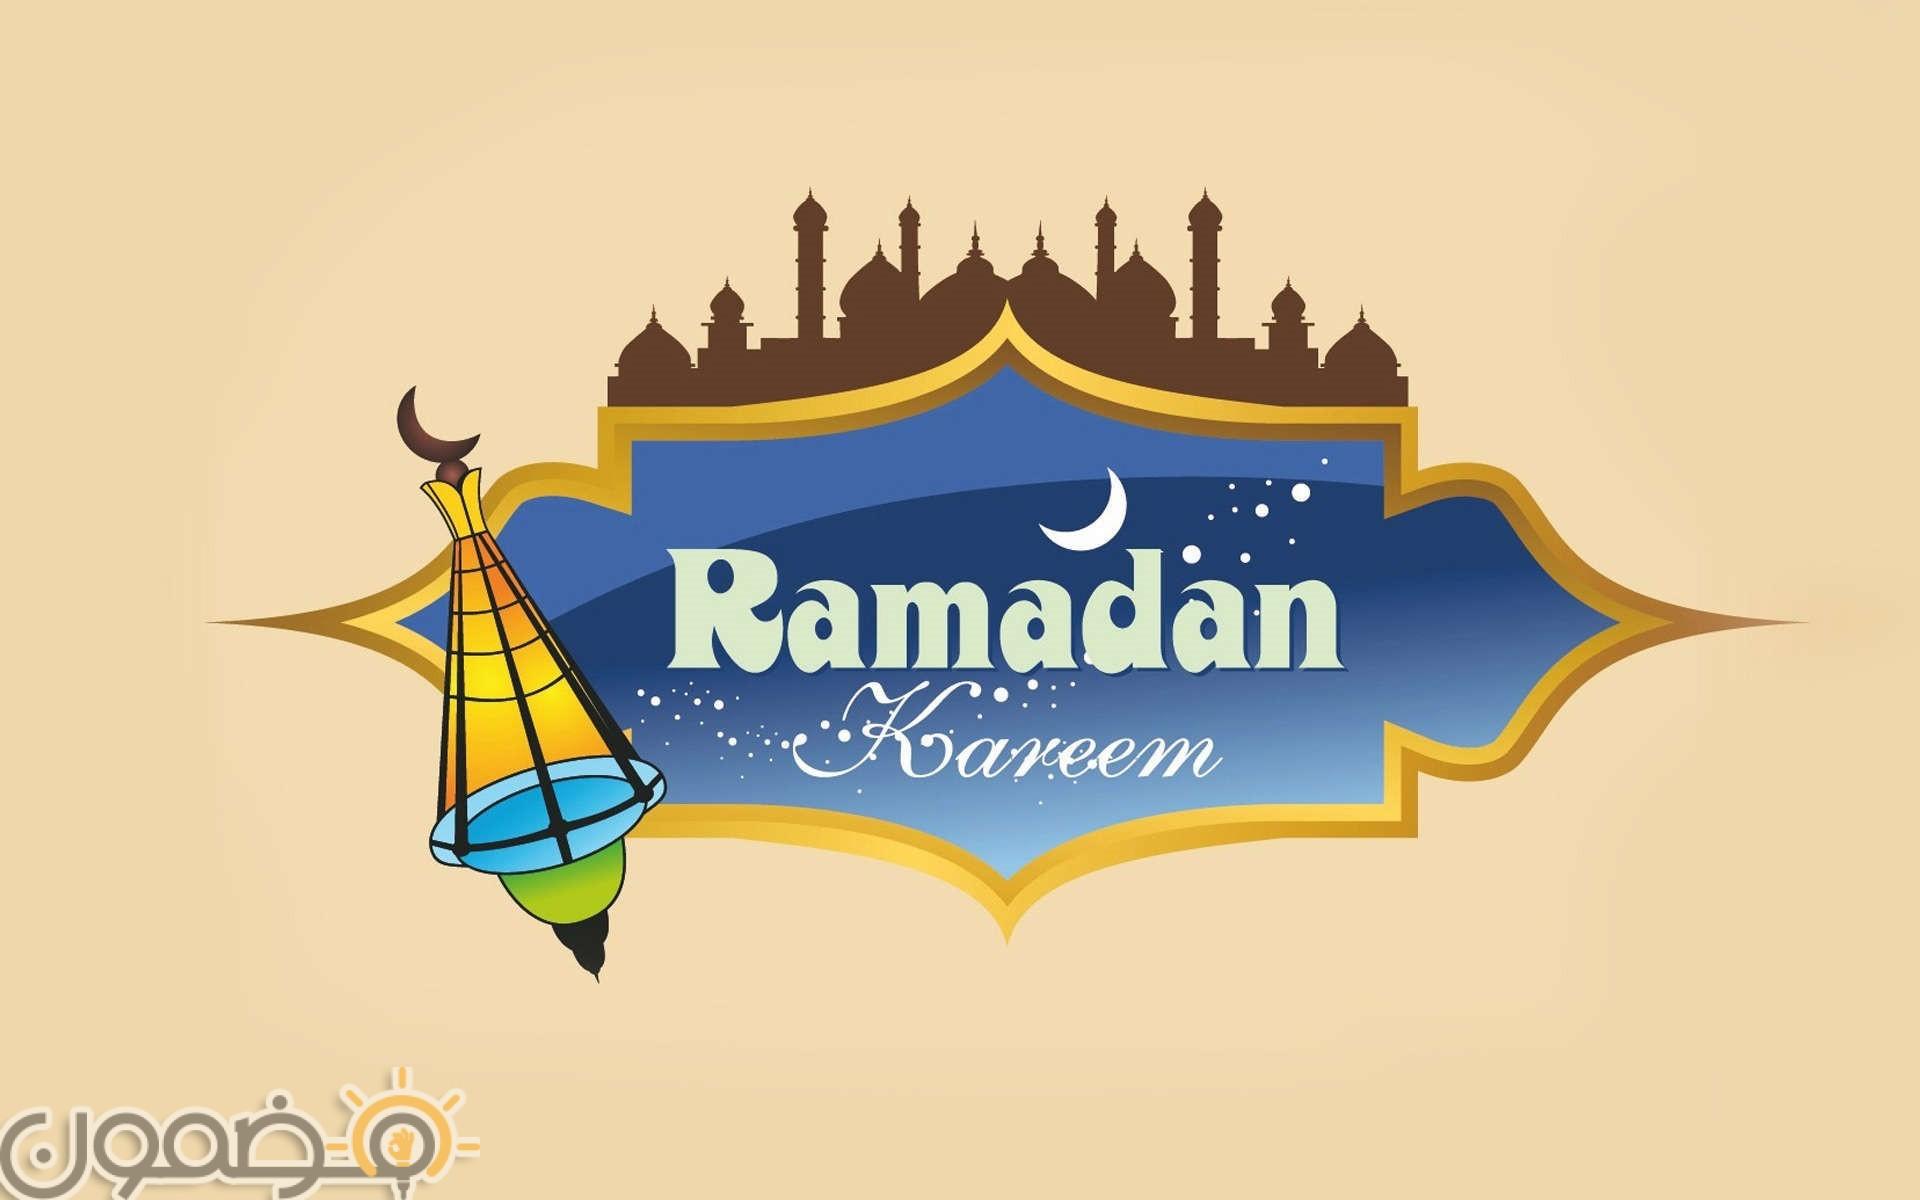 خلفيات رمضان 3d 1 خلفيات رمضان 3d للفيس بوك و للموبايل